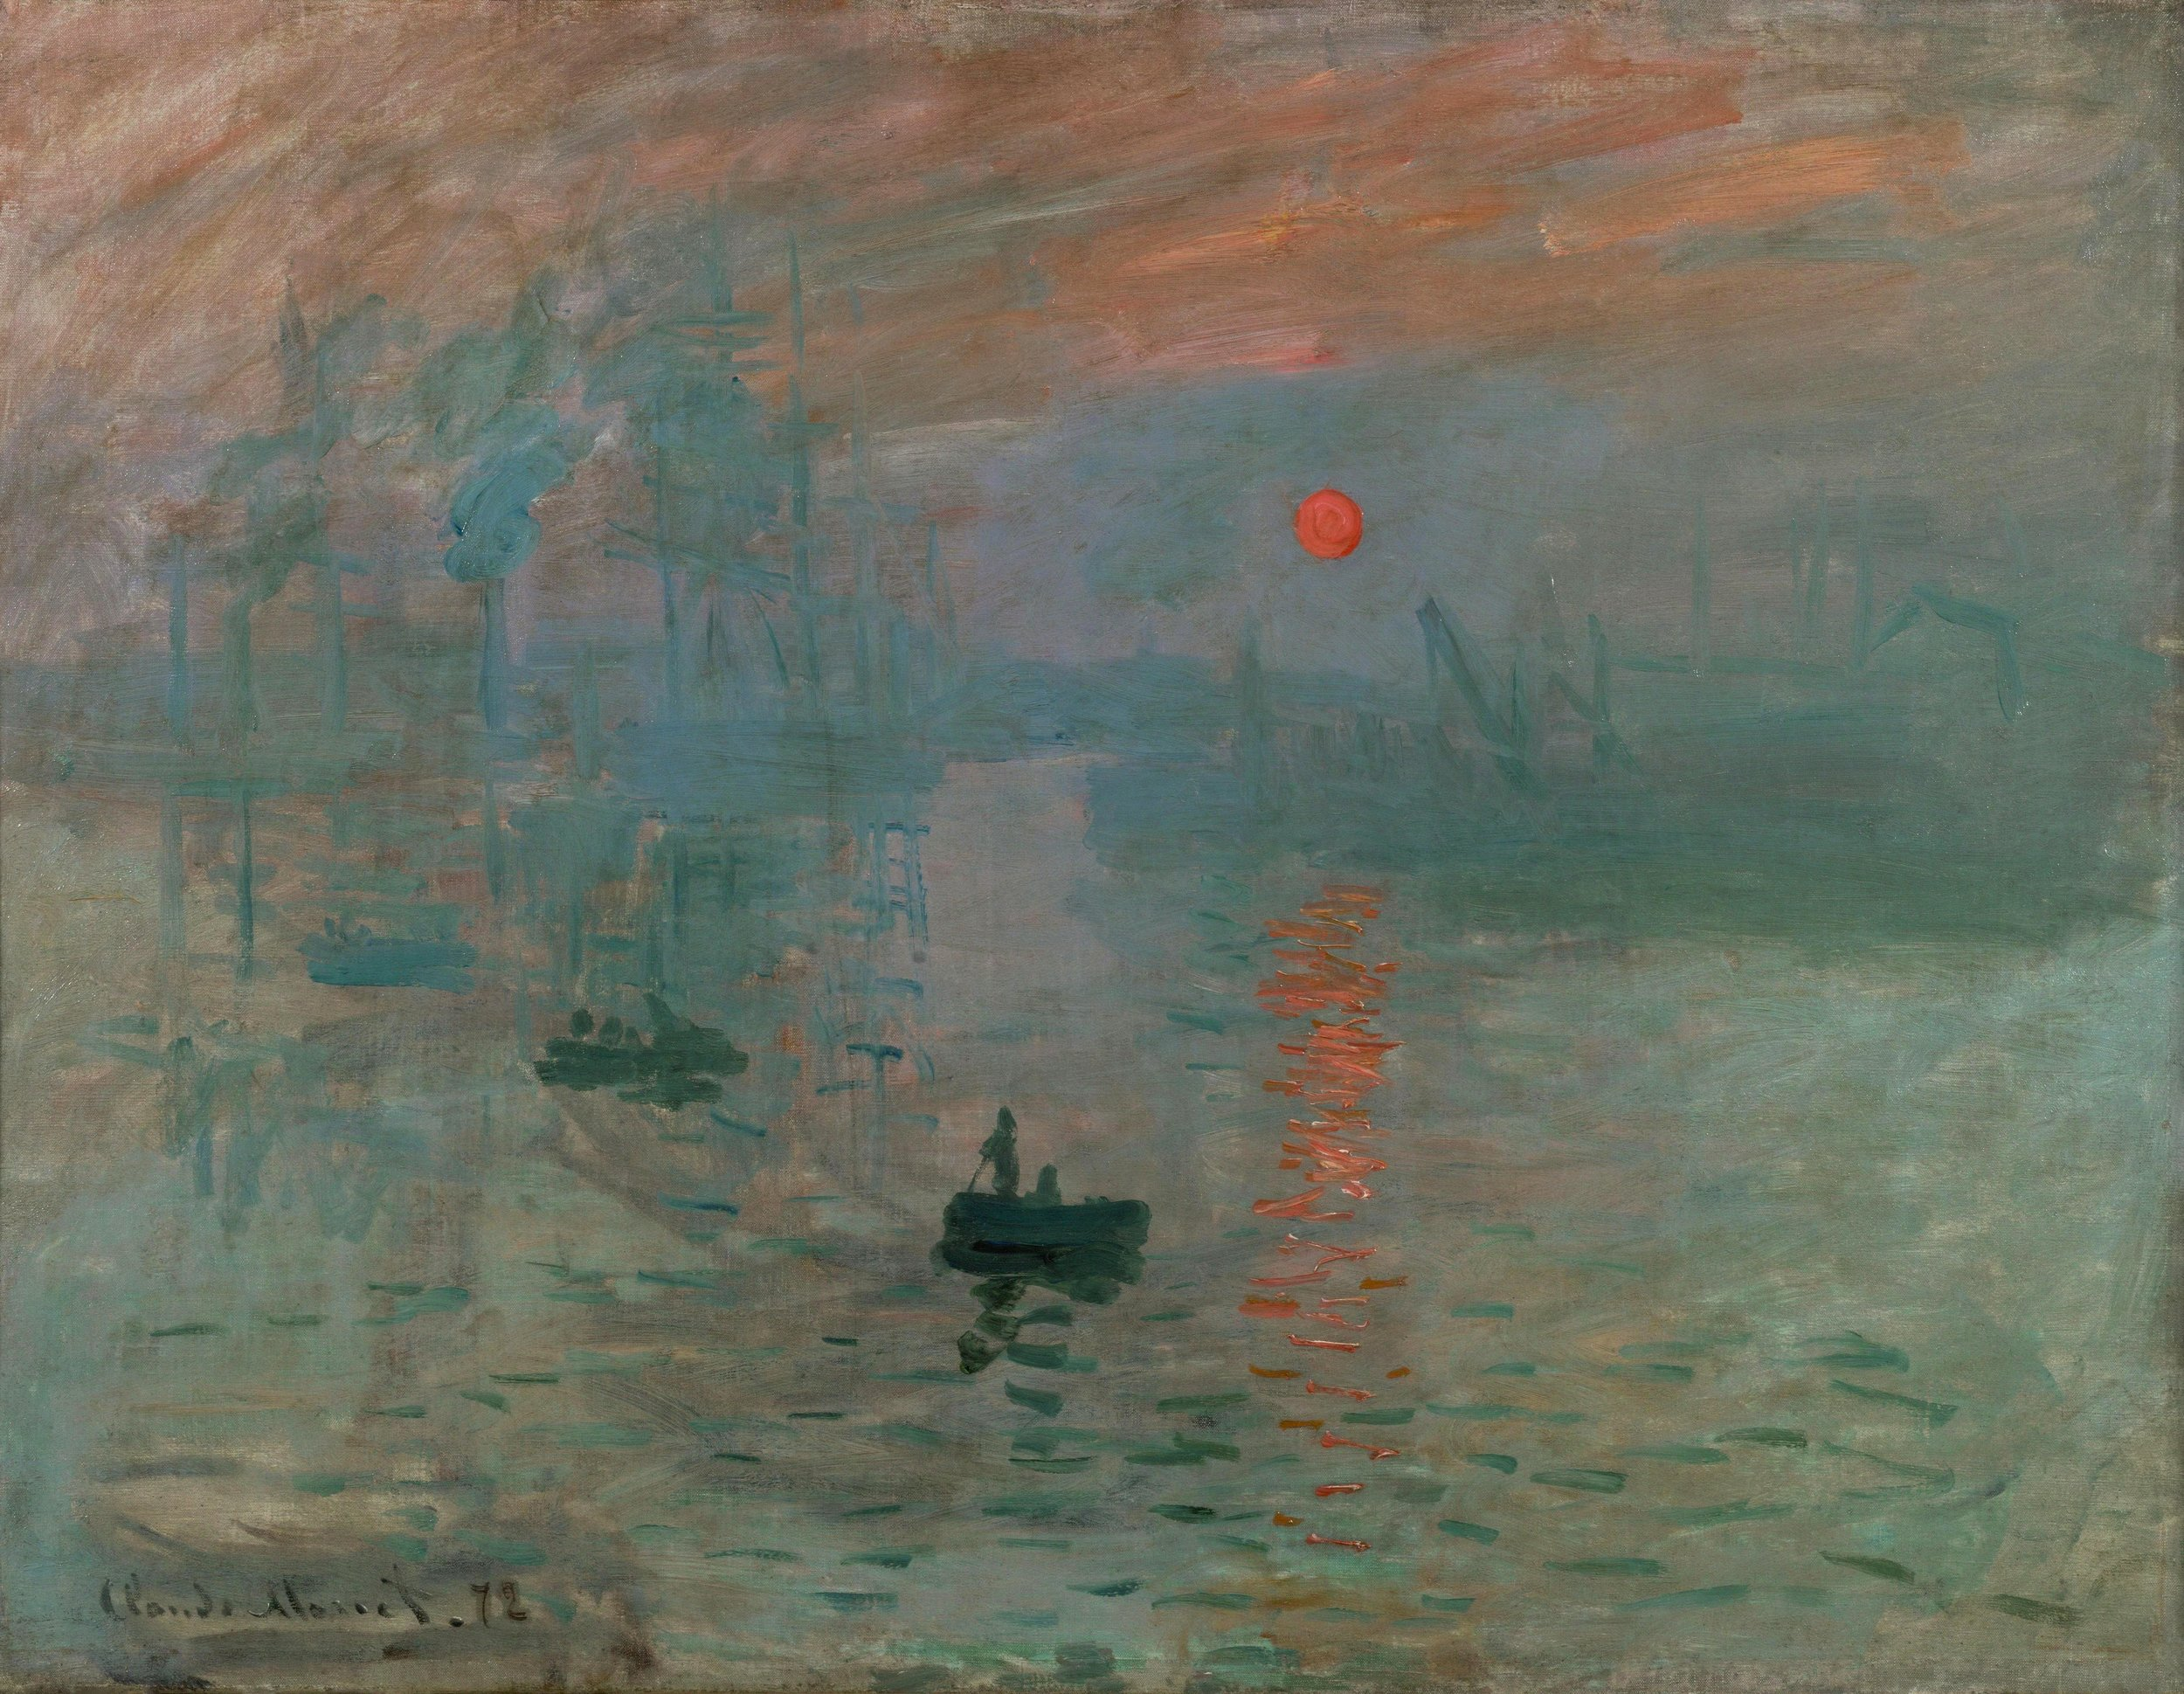 Claude Monet, Impression: Sunrise, 1872, oil on canvas (Musée Marmottan Monet, Paris)